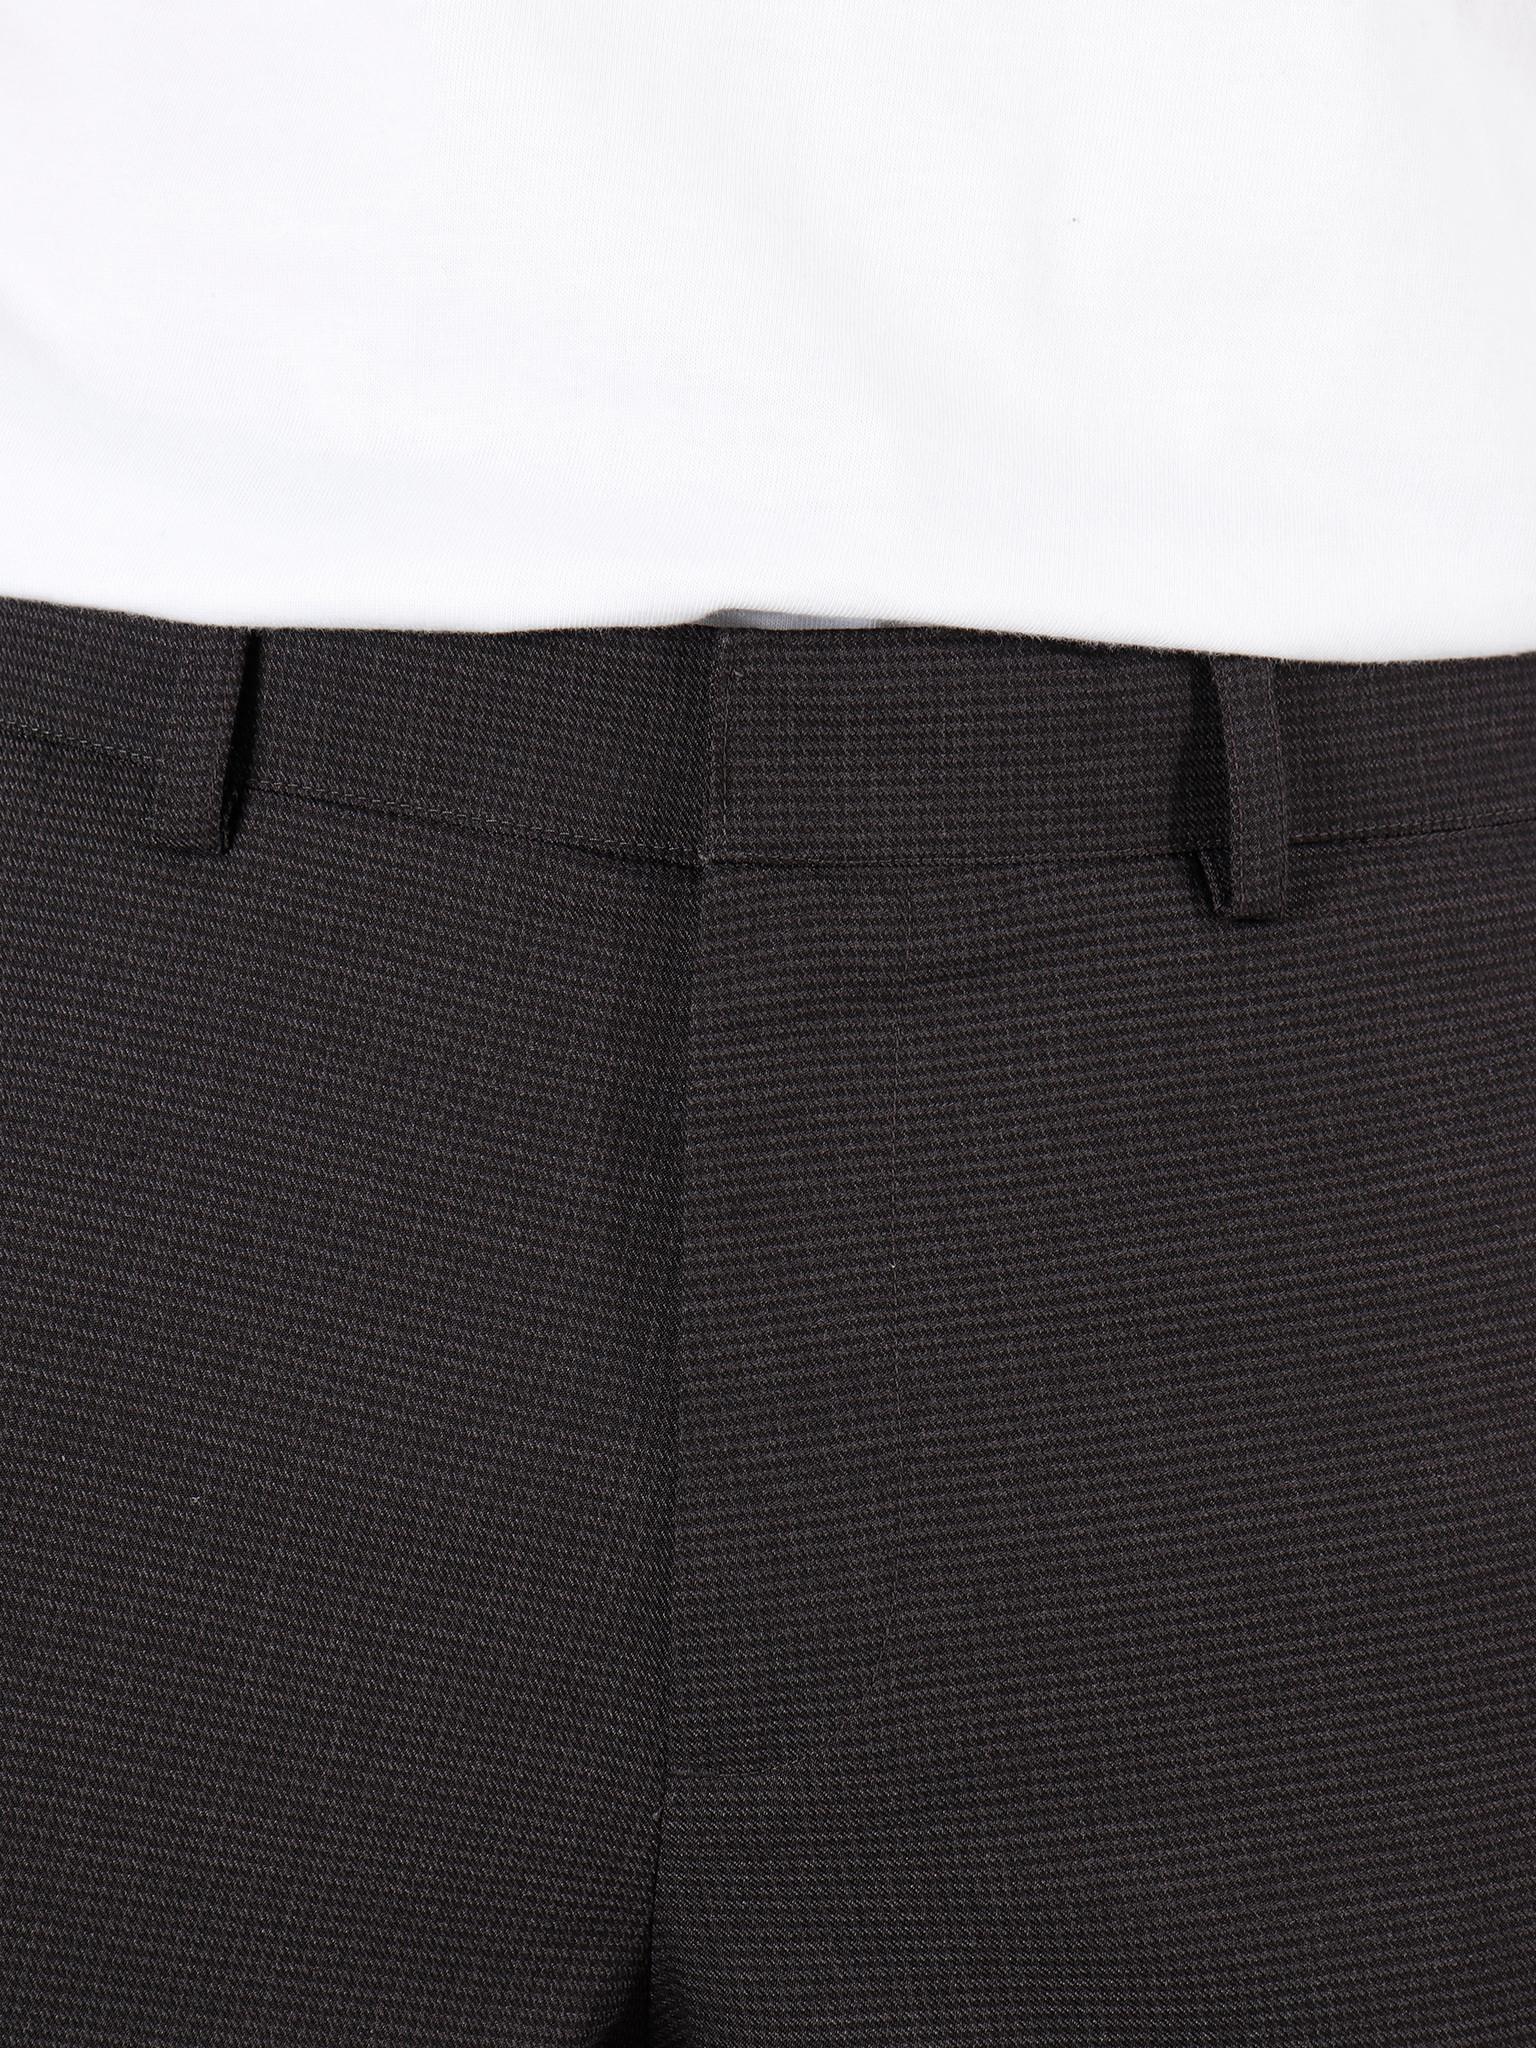 Wemoto Wemoto Charles Pant Dark Grey 141.702-329